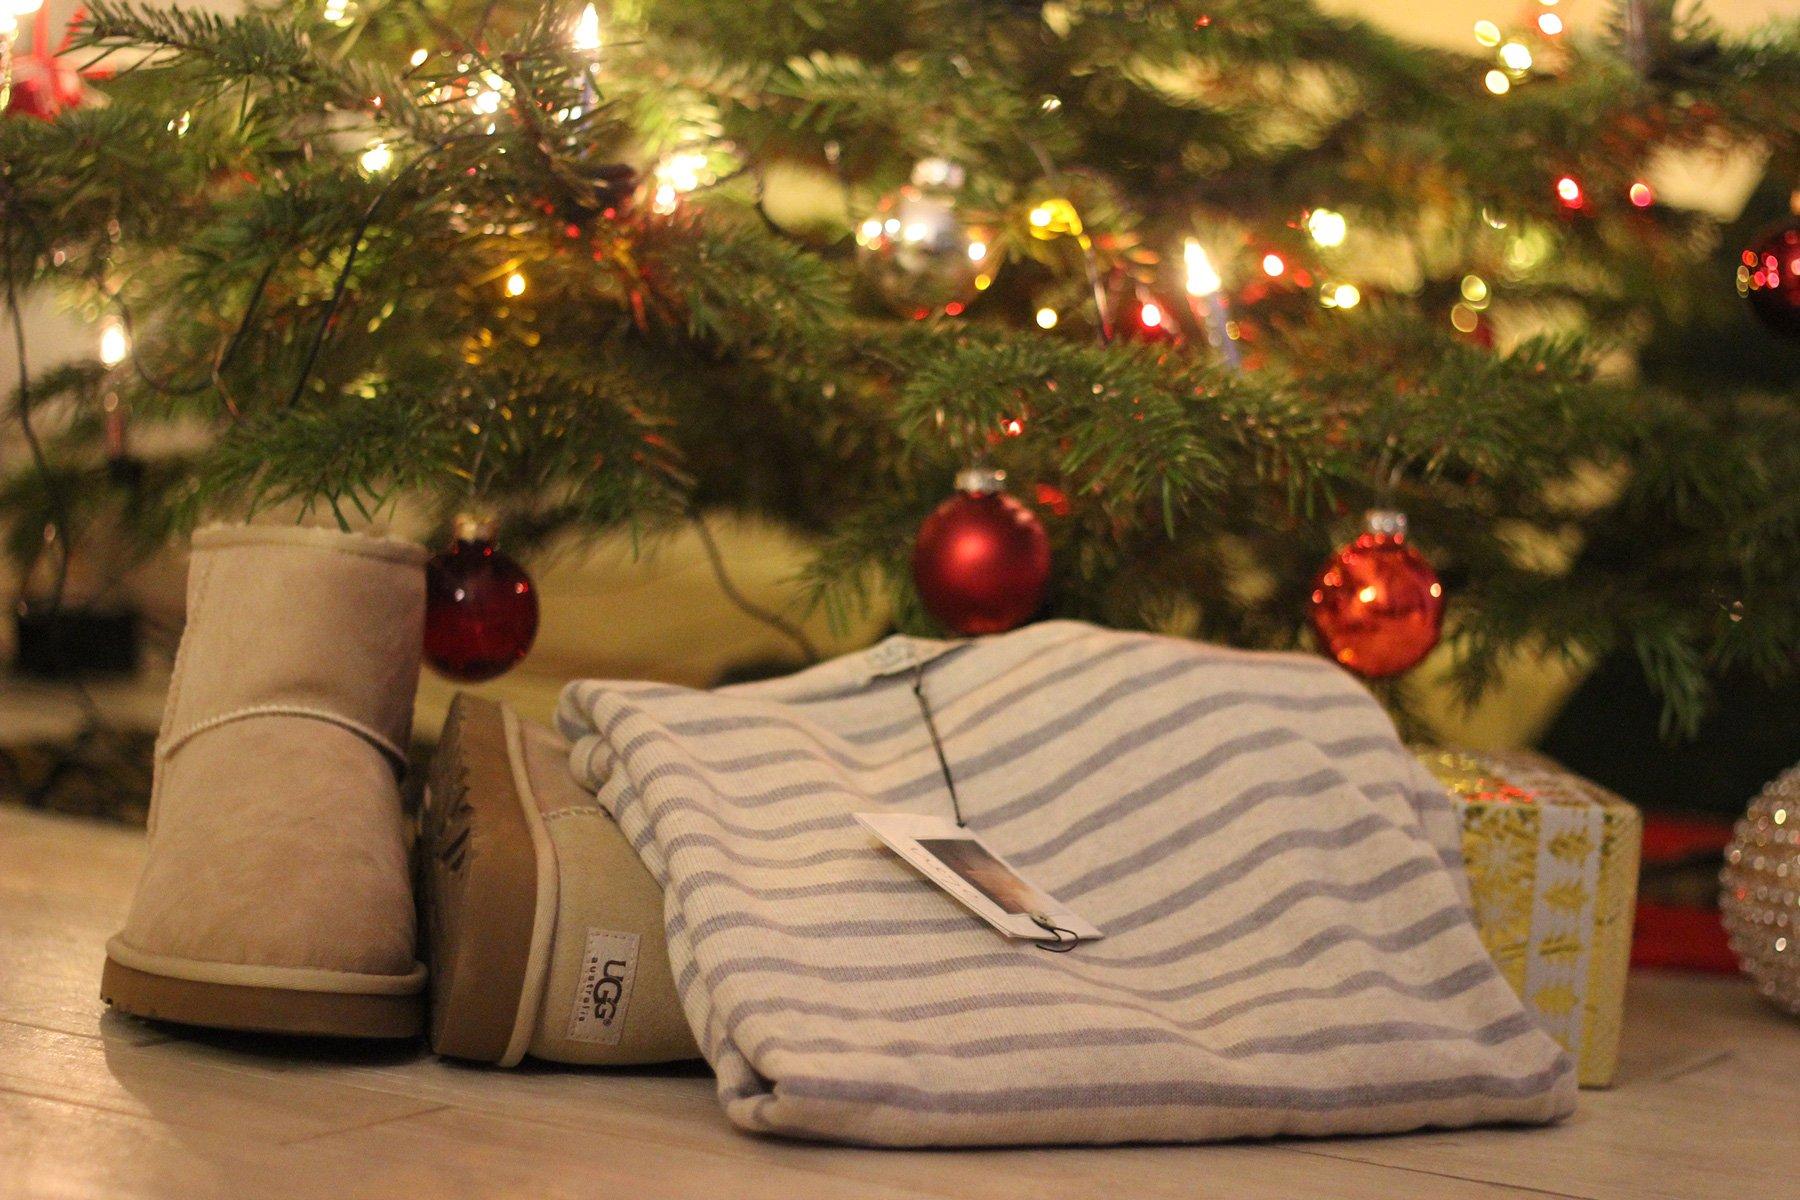 meine Weihnachtsgeschenke... und farblich so stimmig....